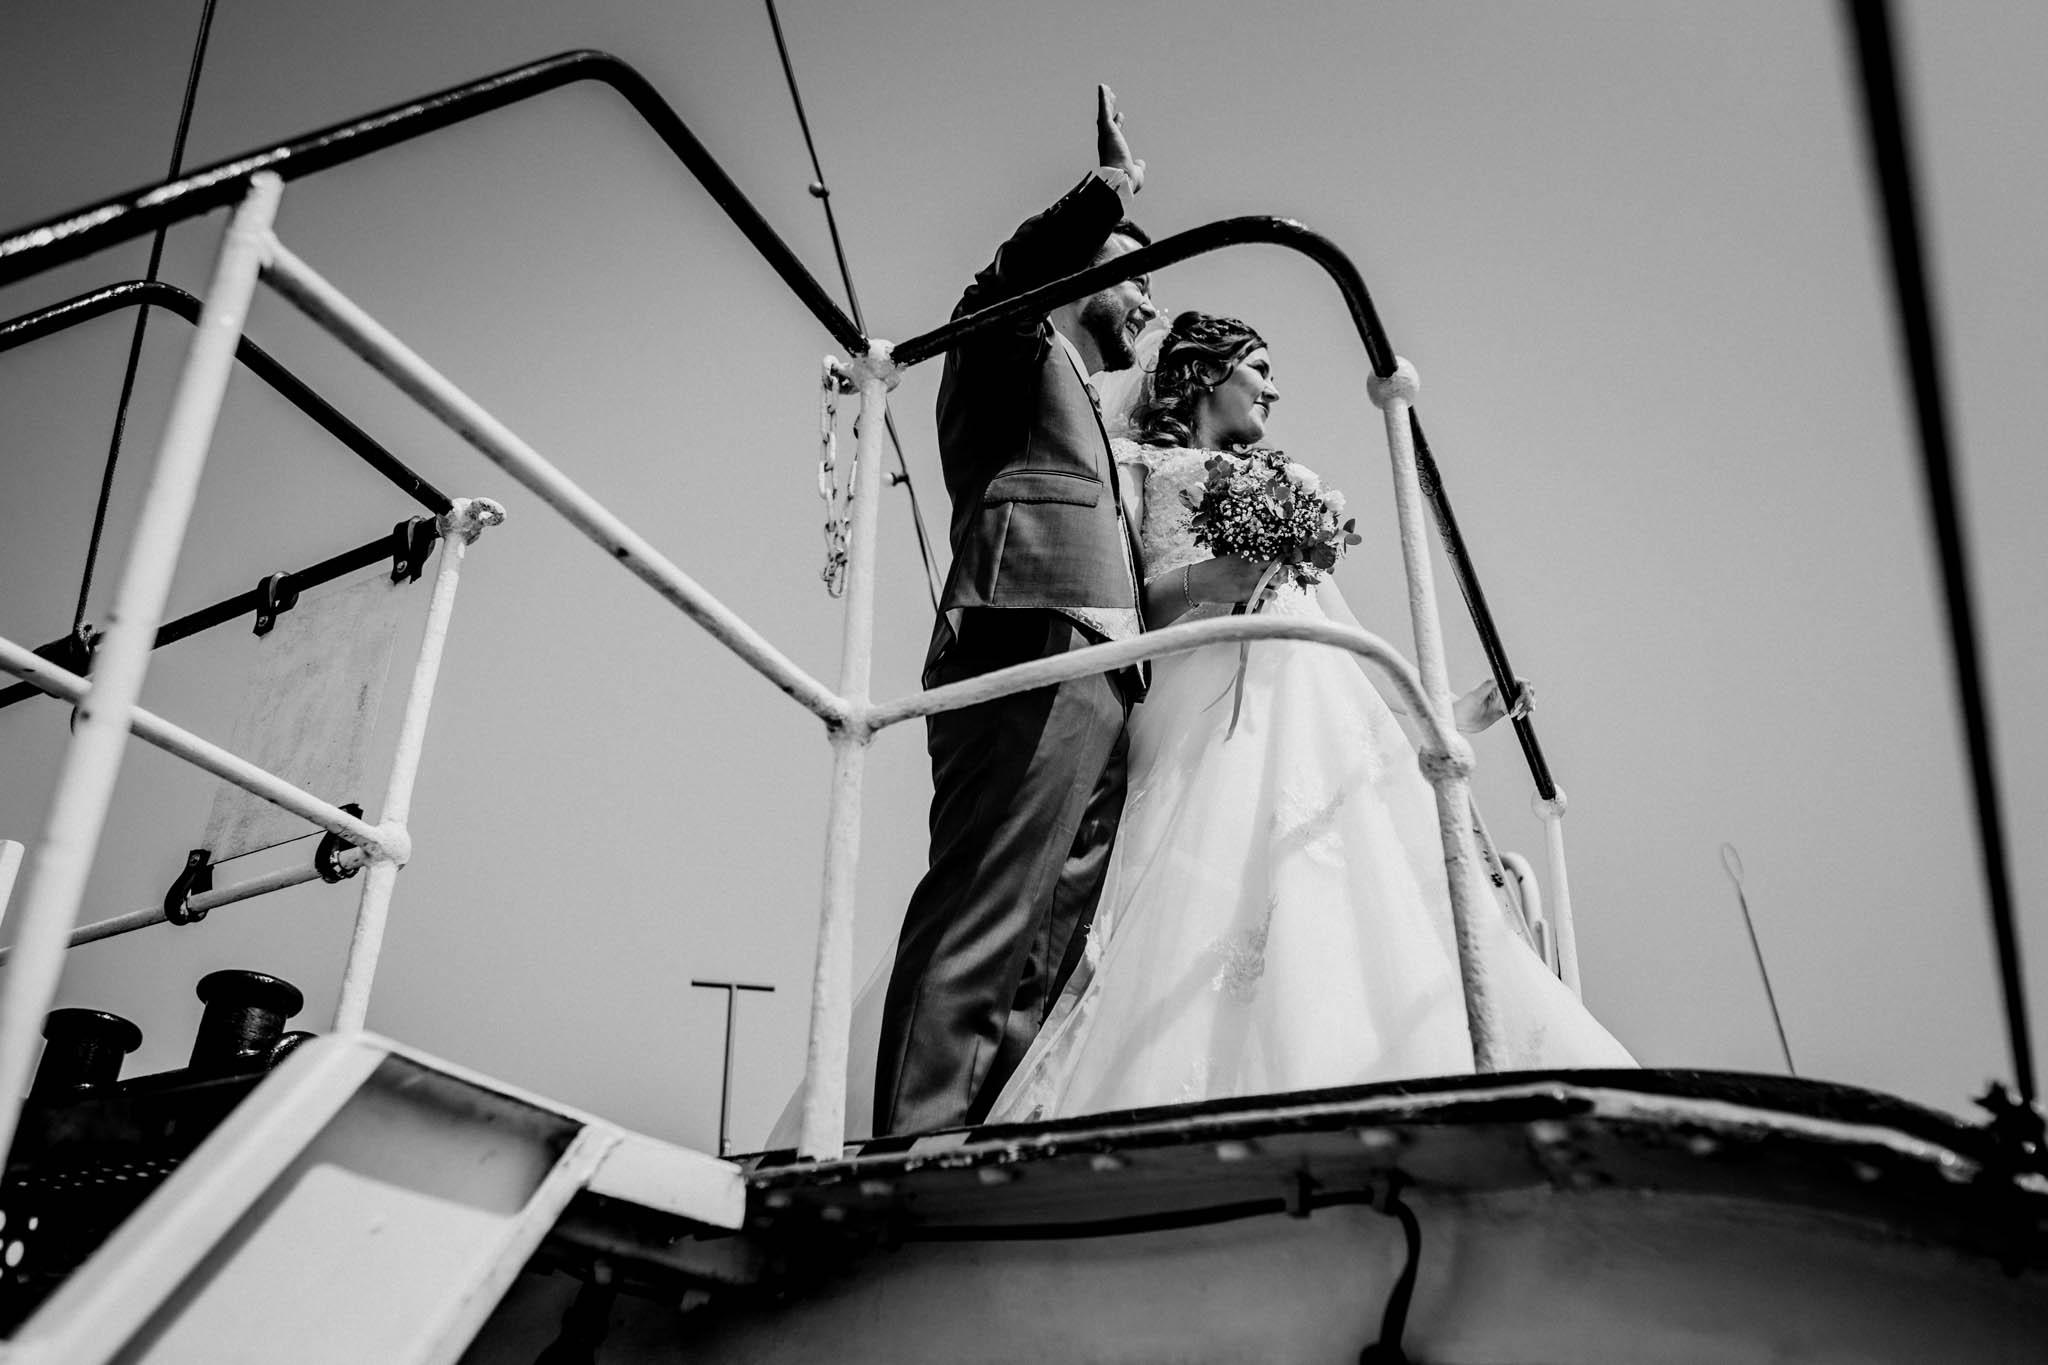 Hochzeitsfieber by Photo-Schomburg, Hochzeitsfotograf, Hamburg, Altona, wedding, Standesamt Altona, Appen, Hochzeitsshooting, Hochzeitstag, Brautpaar-75